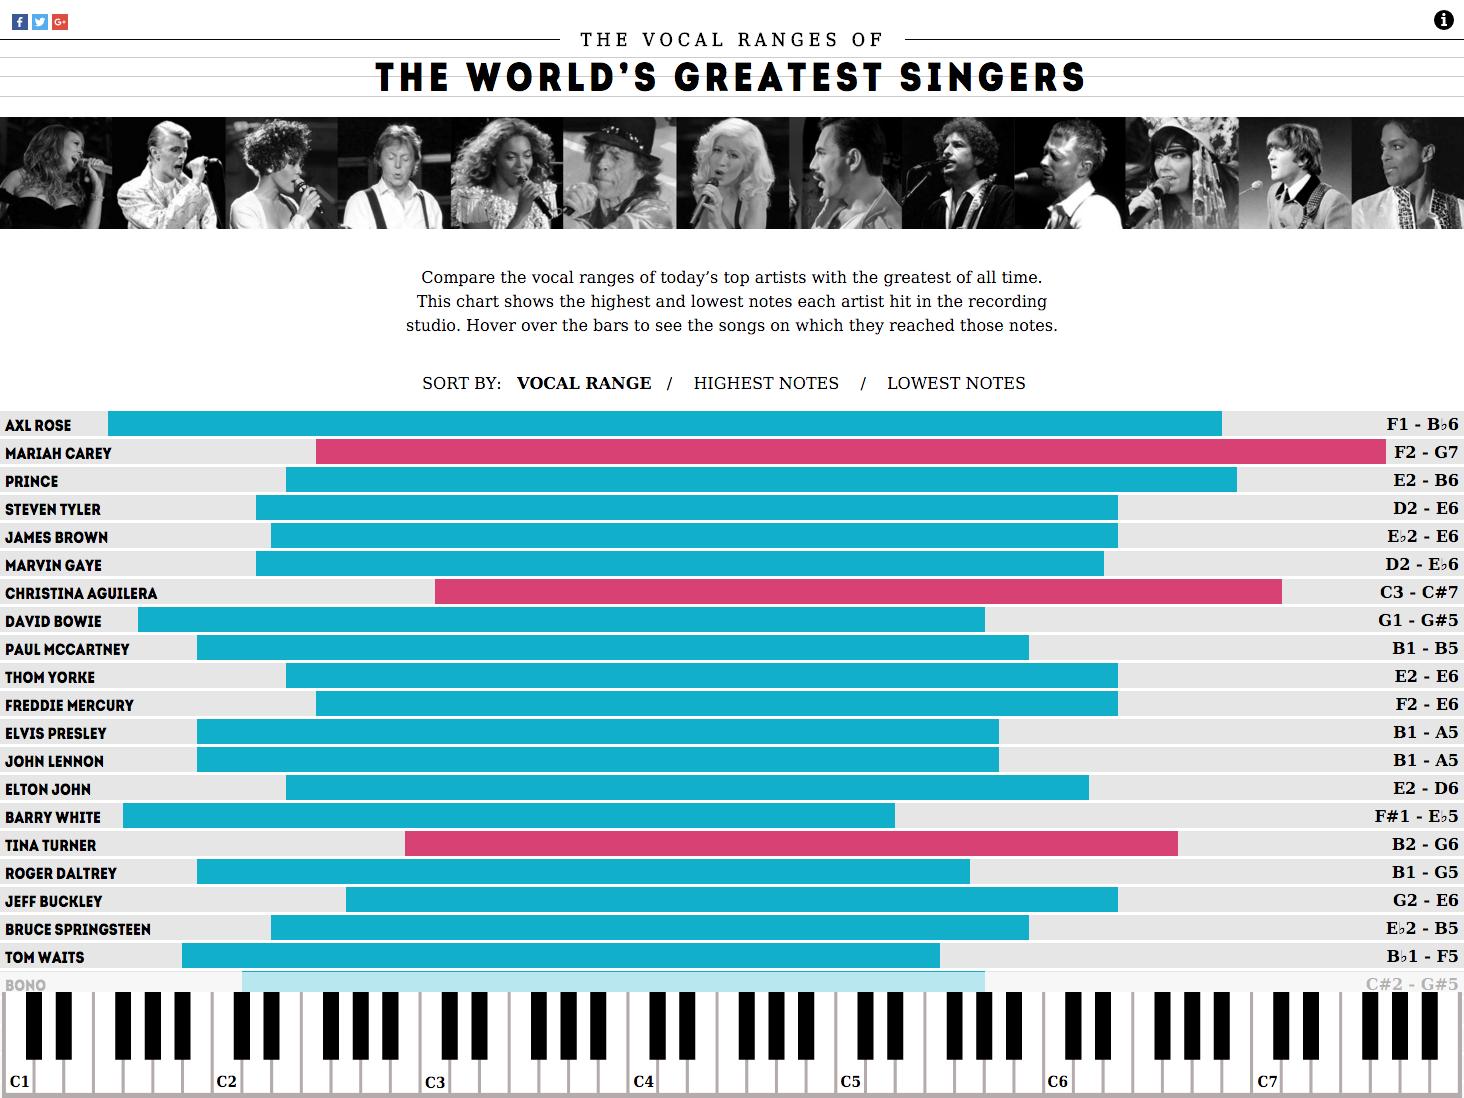 Concert Hotels Vocal Ranges 1.png